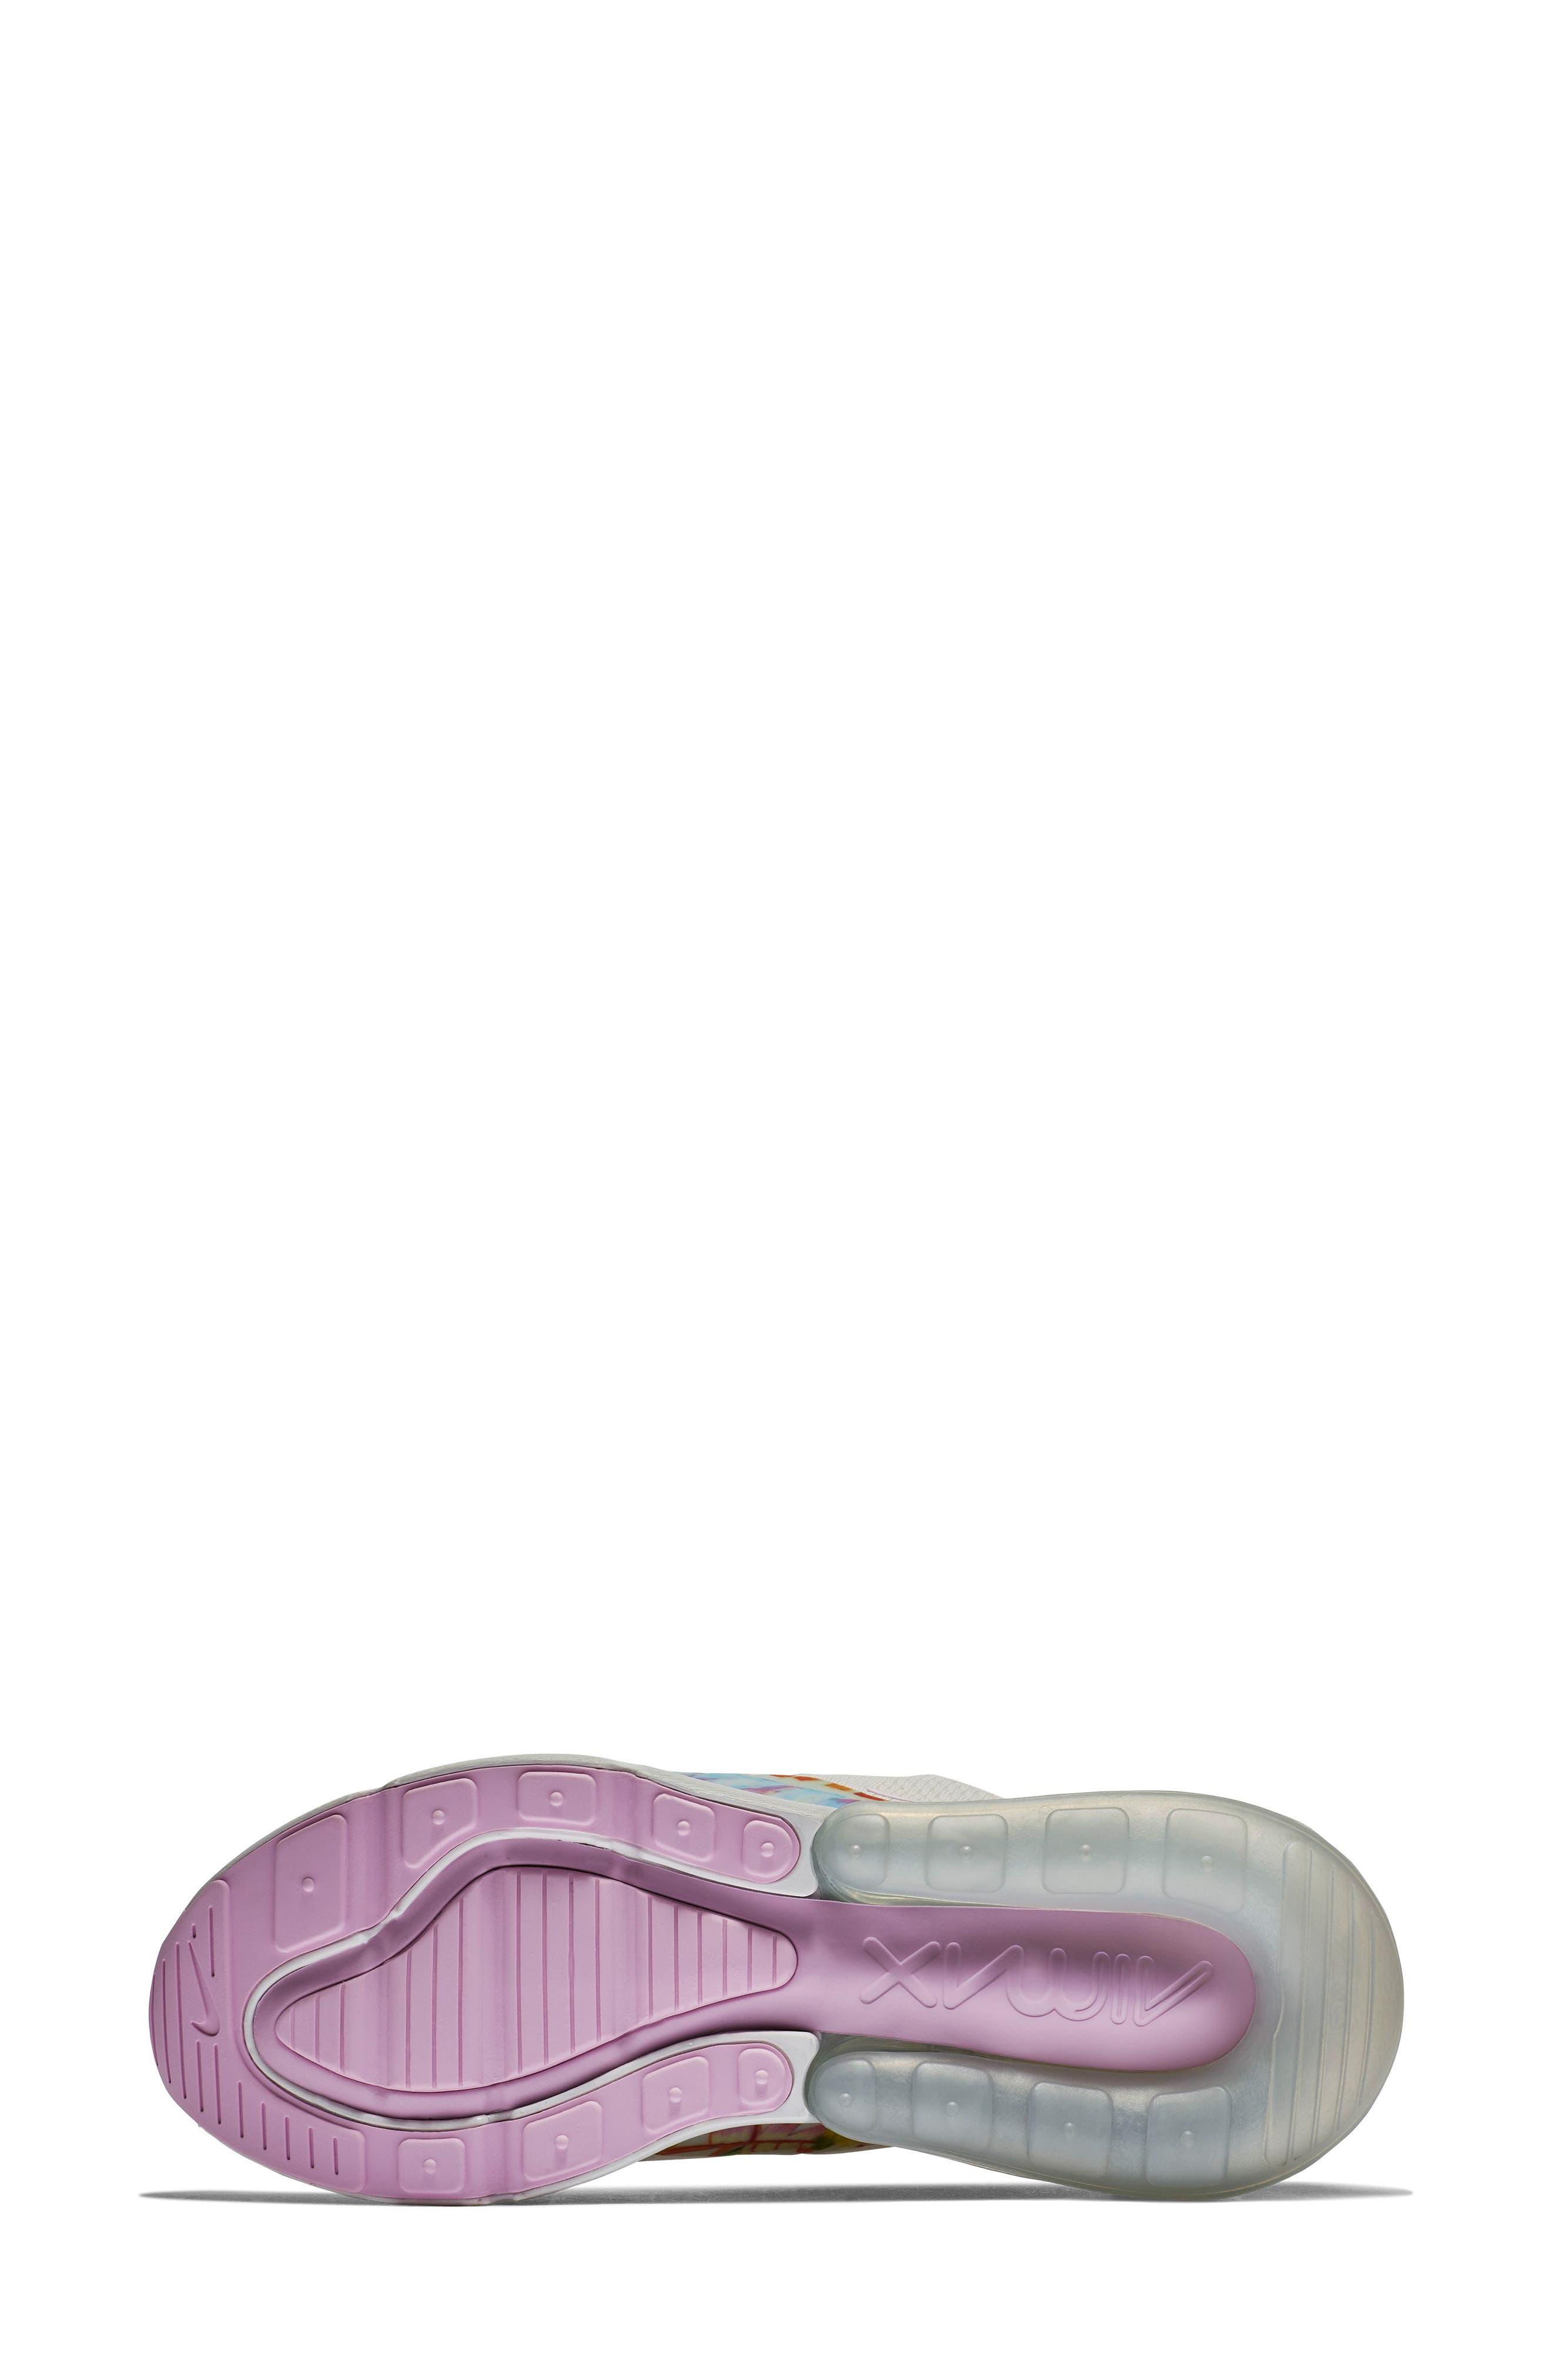 Air Max 270 Premium Sneaker,                             Alternate thumbnail 5, color,                             100